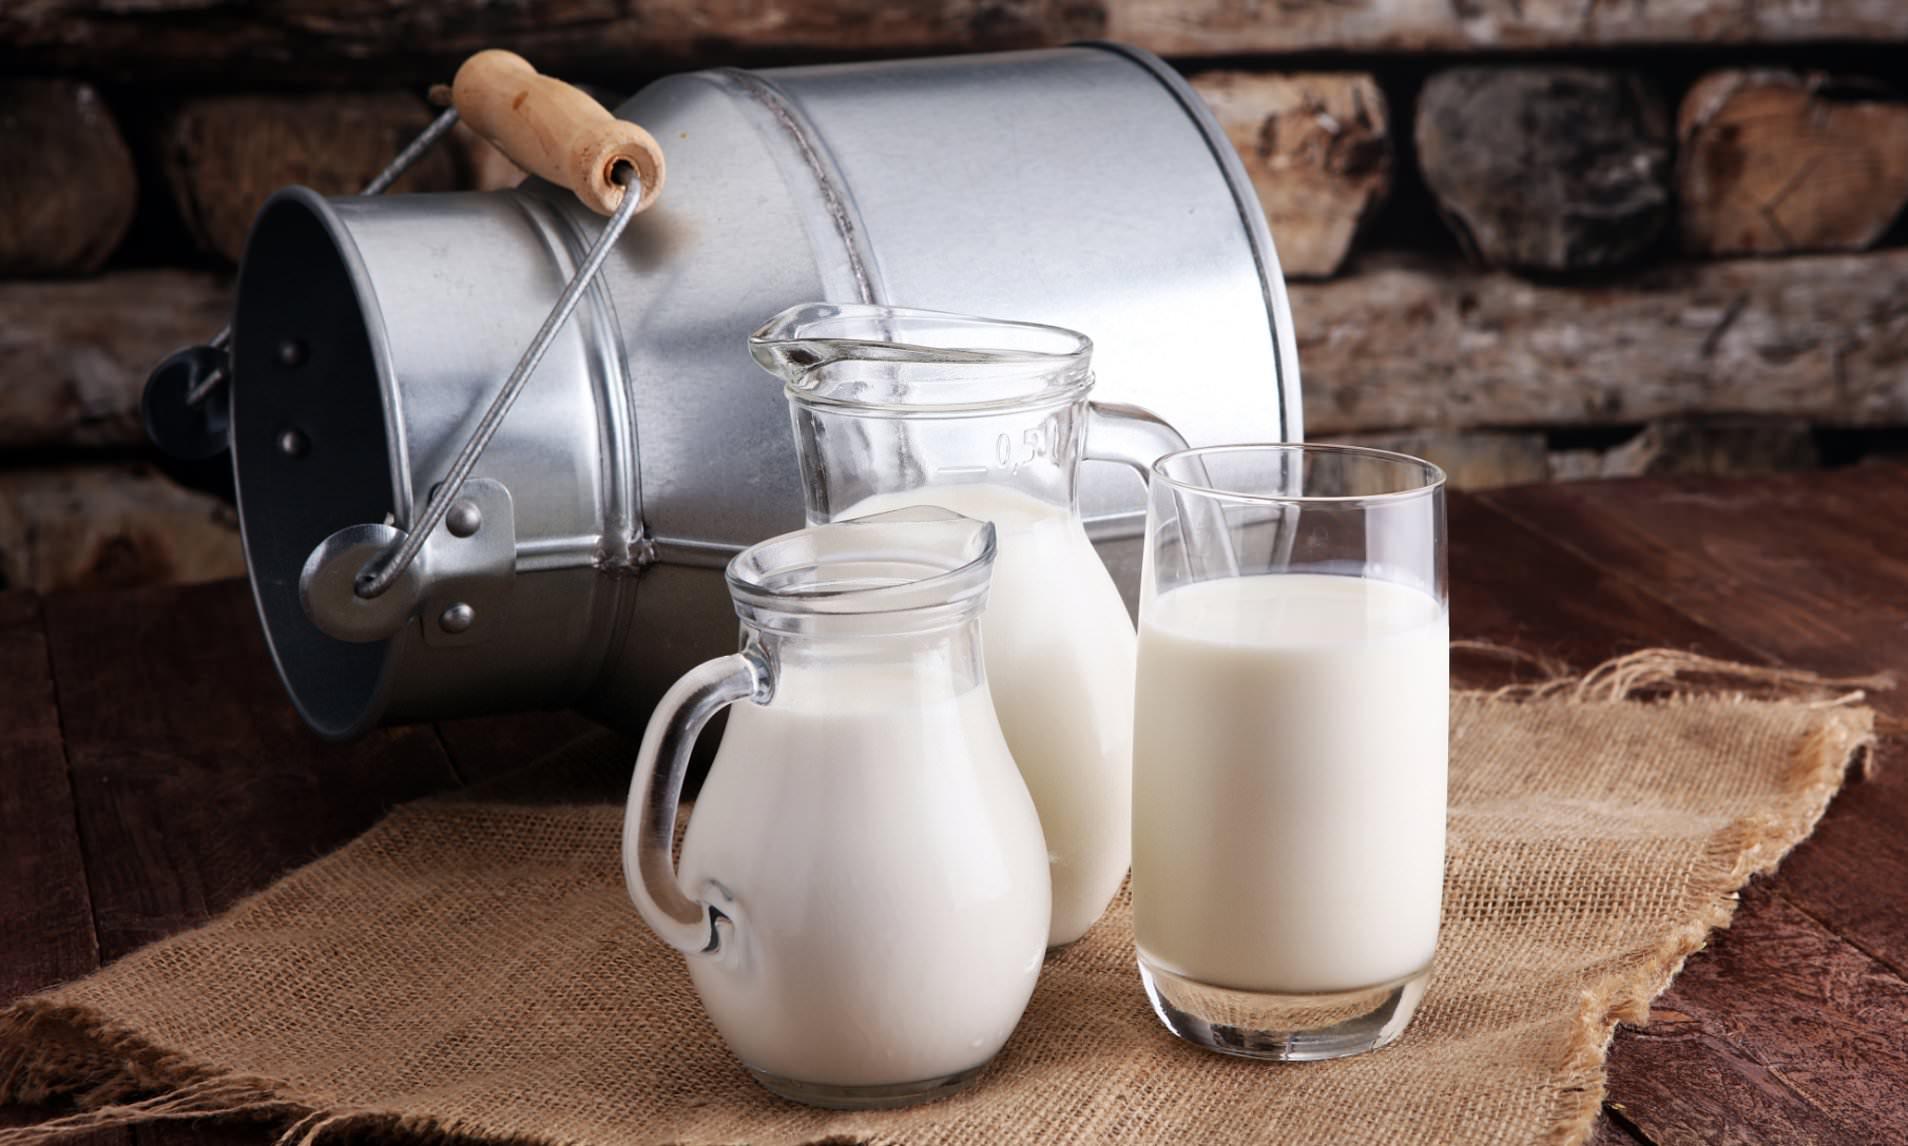 Những qui định nhập khẩu mặt hàng sữa và sản phẩm sữa vào Thái Lan - Ảnh 1.